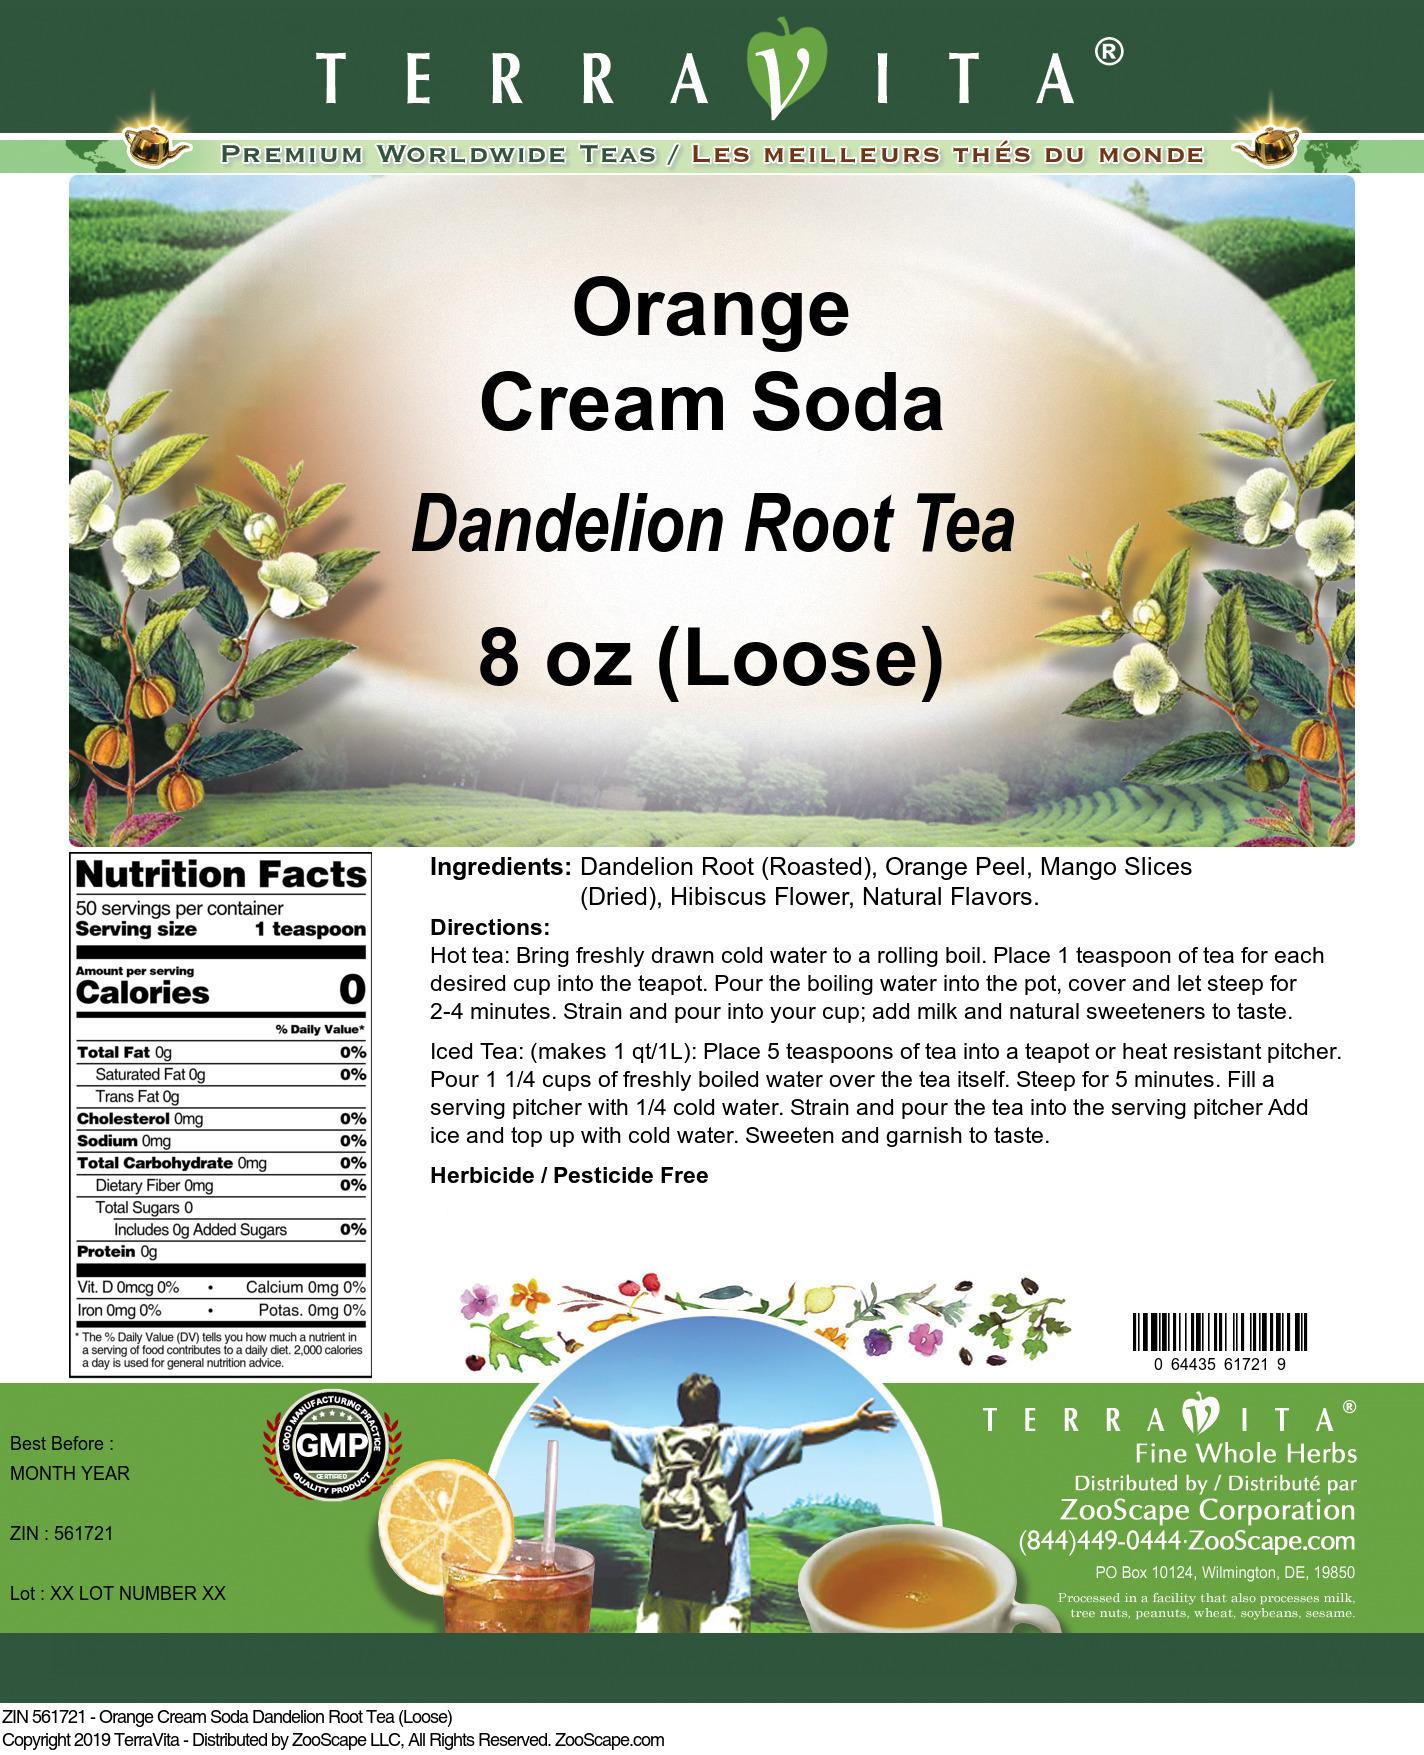 Orange Cream Soda Dandelion Root